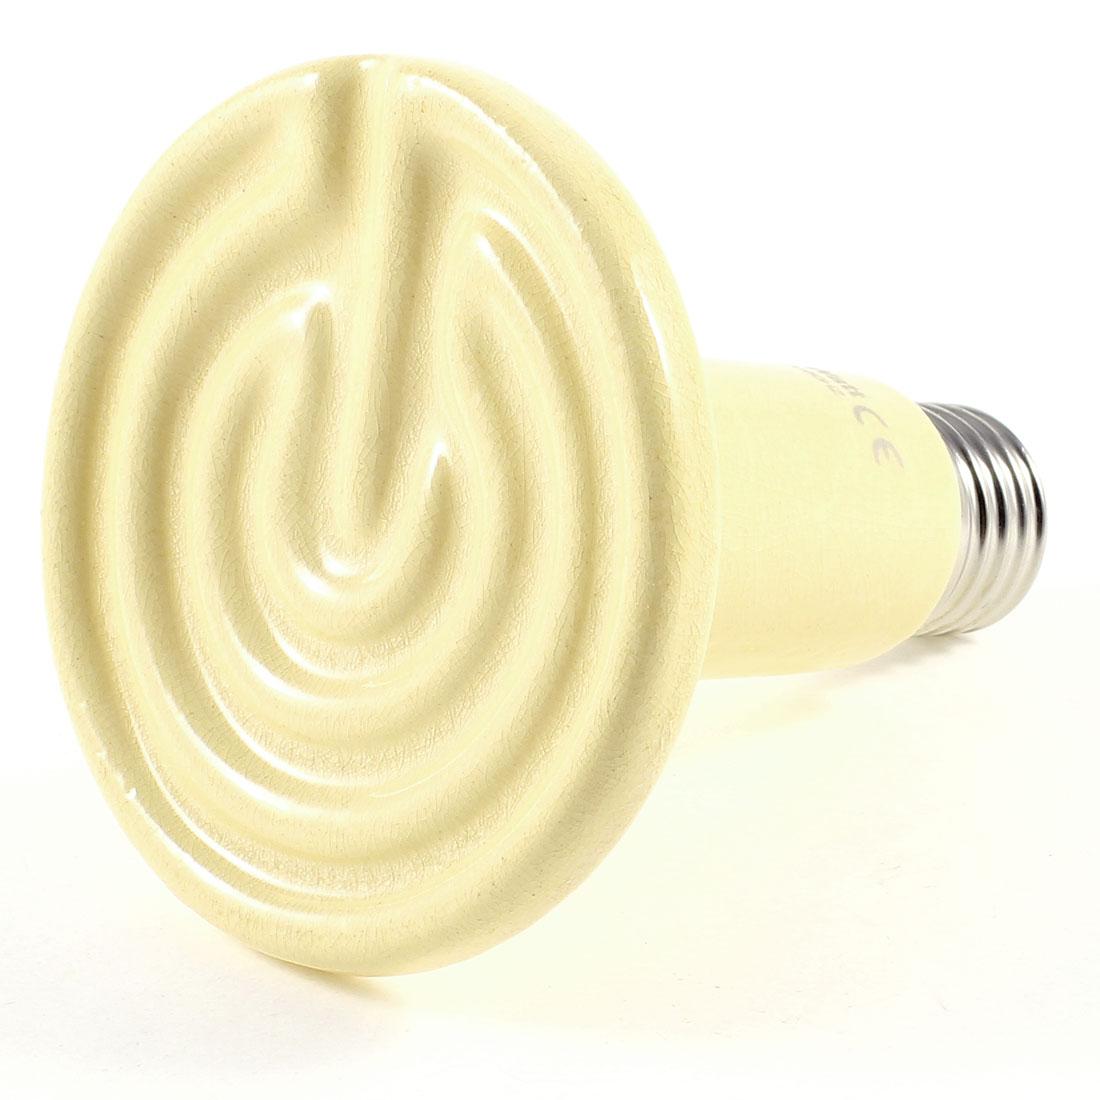 Fluker Reptile Ceramic Heat Emitter Heater Bulb 150W AC 220-240V Beige